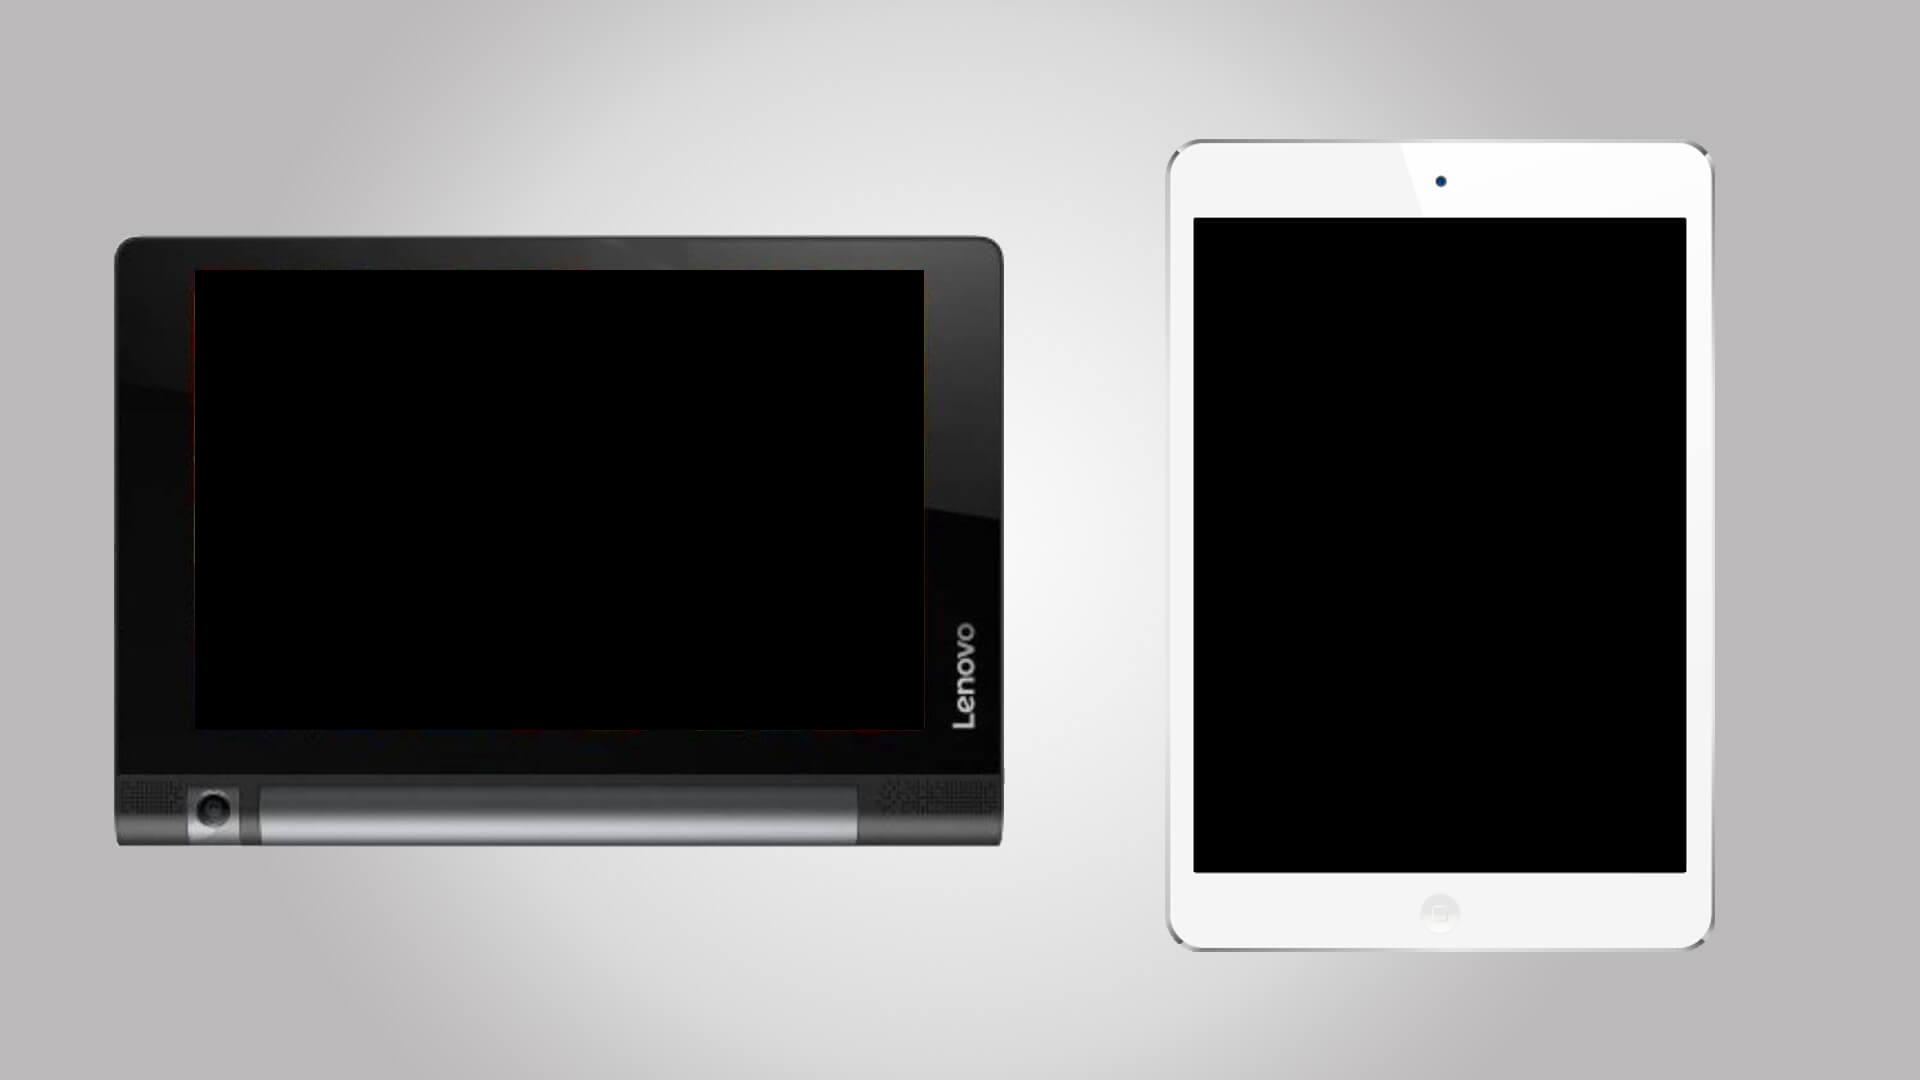 Einsatz von Tablets verschiedener Marken